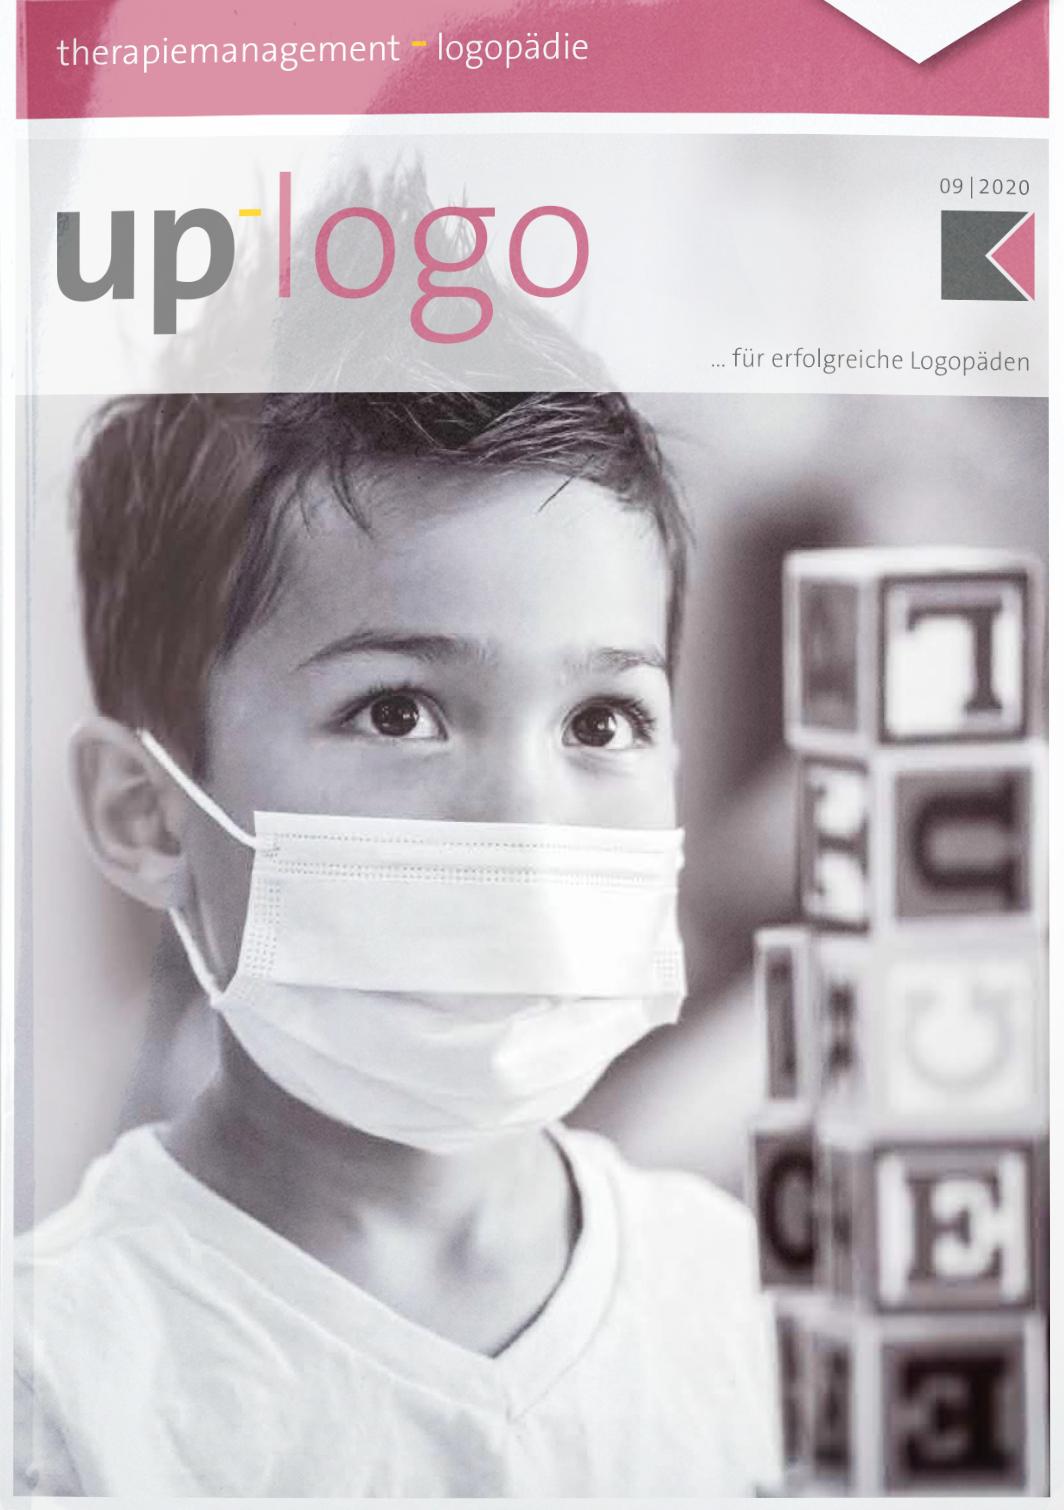 up_logo 09/2020